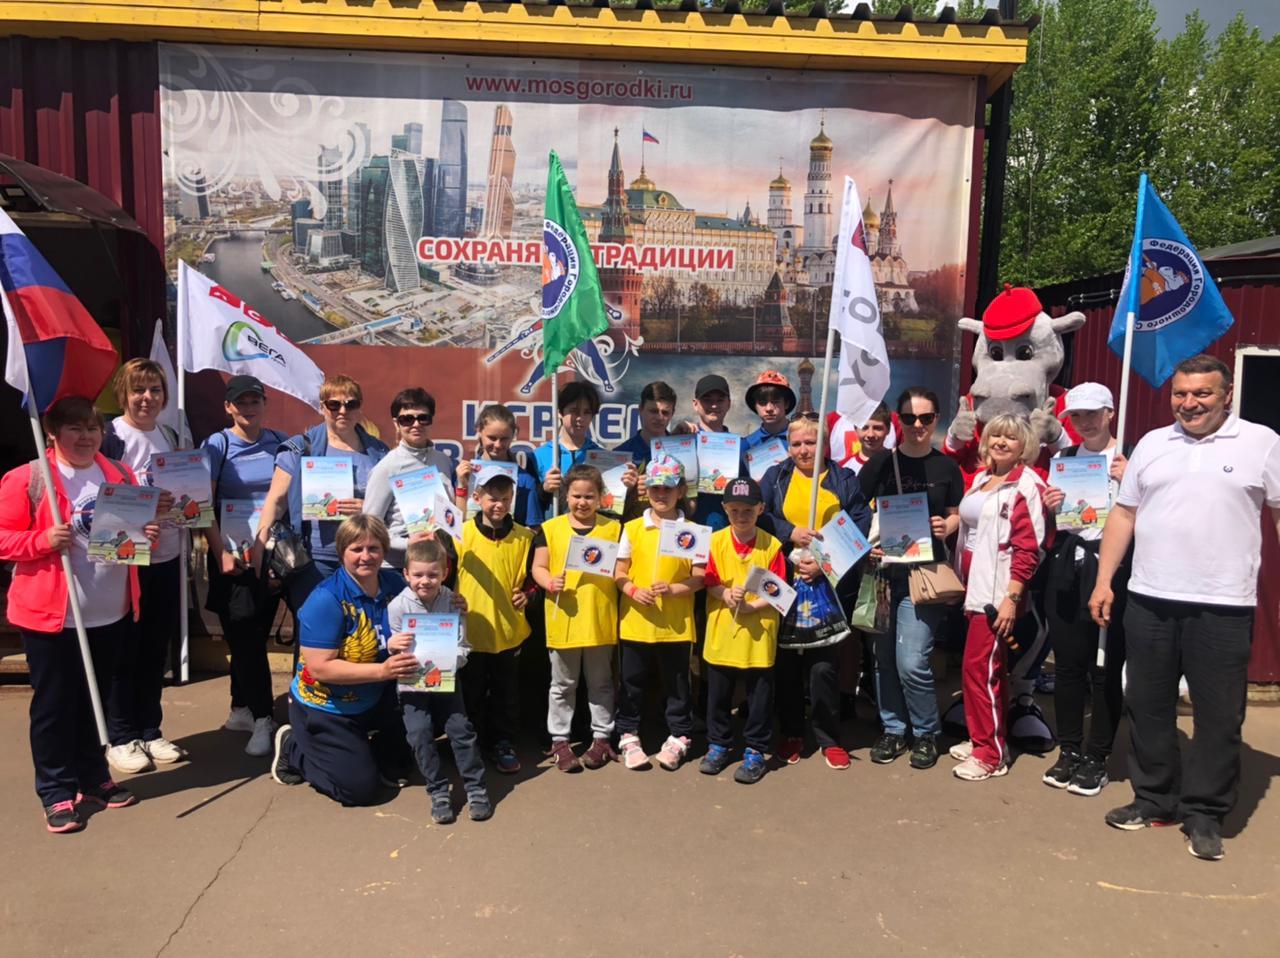 Жители поселения Михайлово-Ярцевское приняли участие в спортивном фестивале